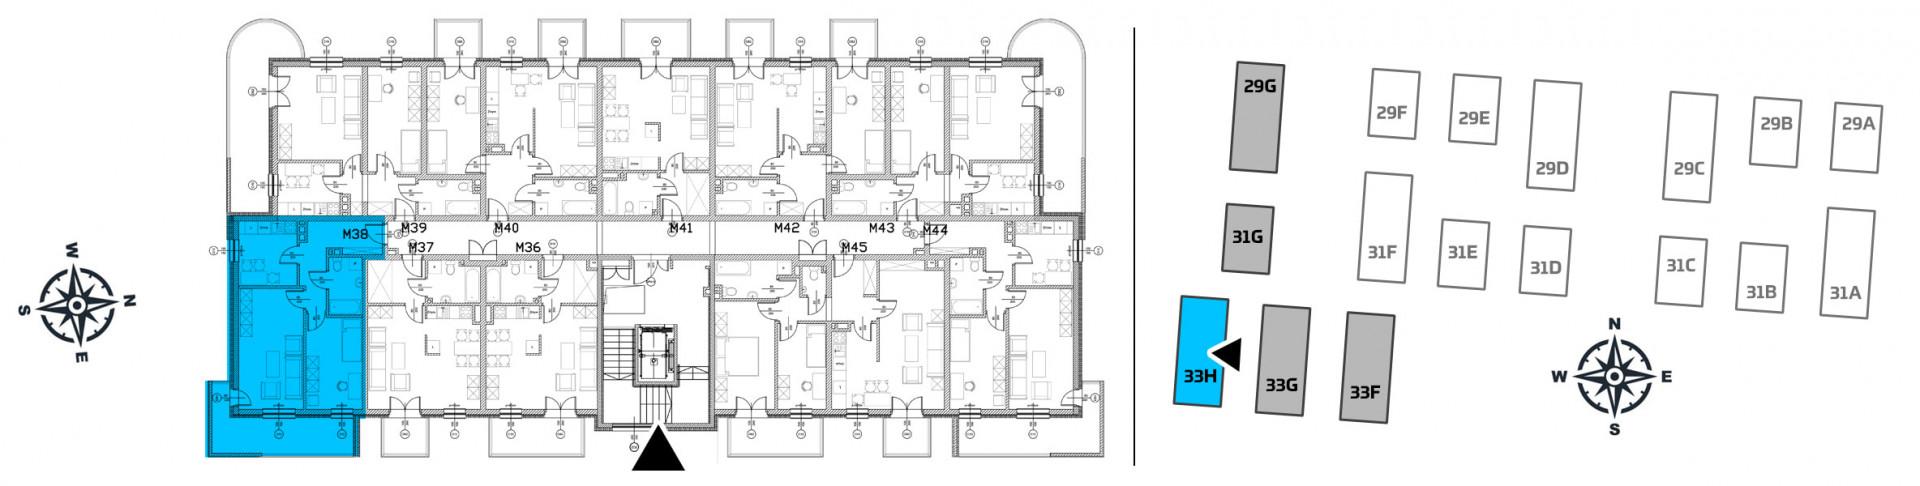 Mieszkanie dwupokojowe 33H/38 rzut 2